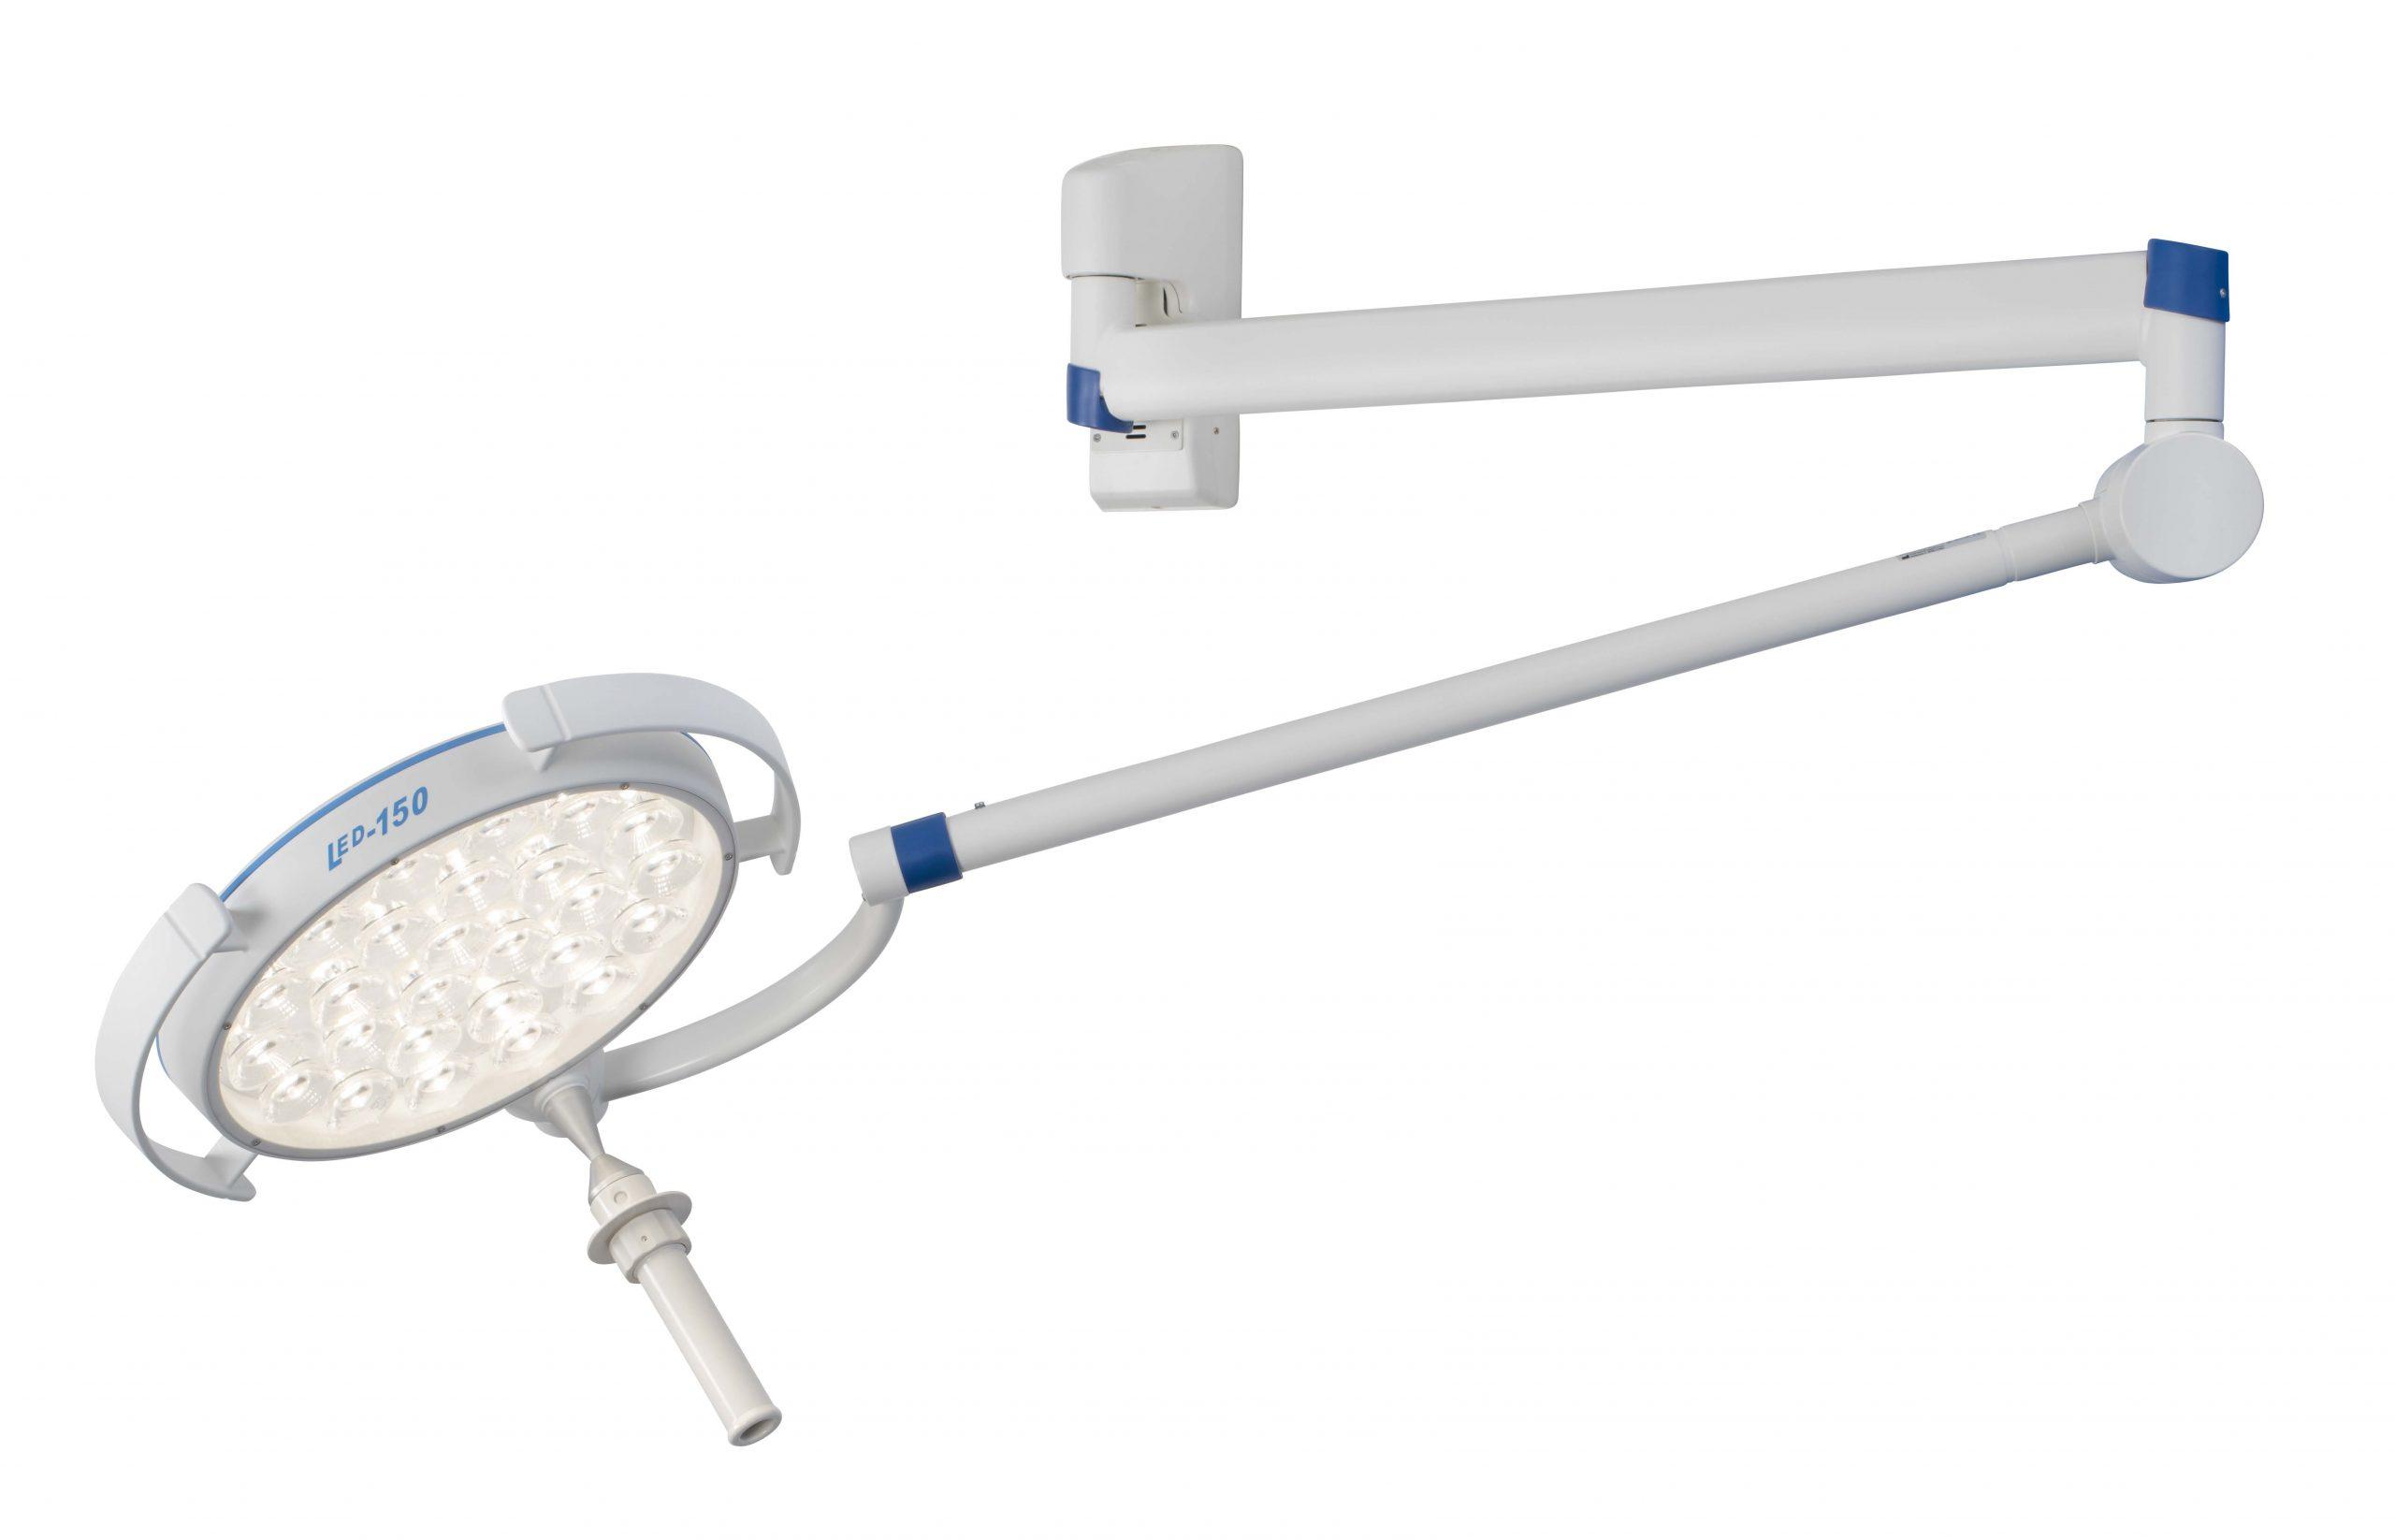 Onderzoekslamp-LED150-Swing-Wandmodel